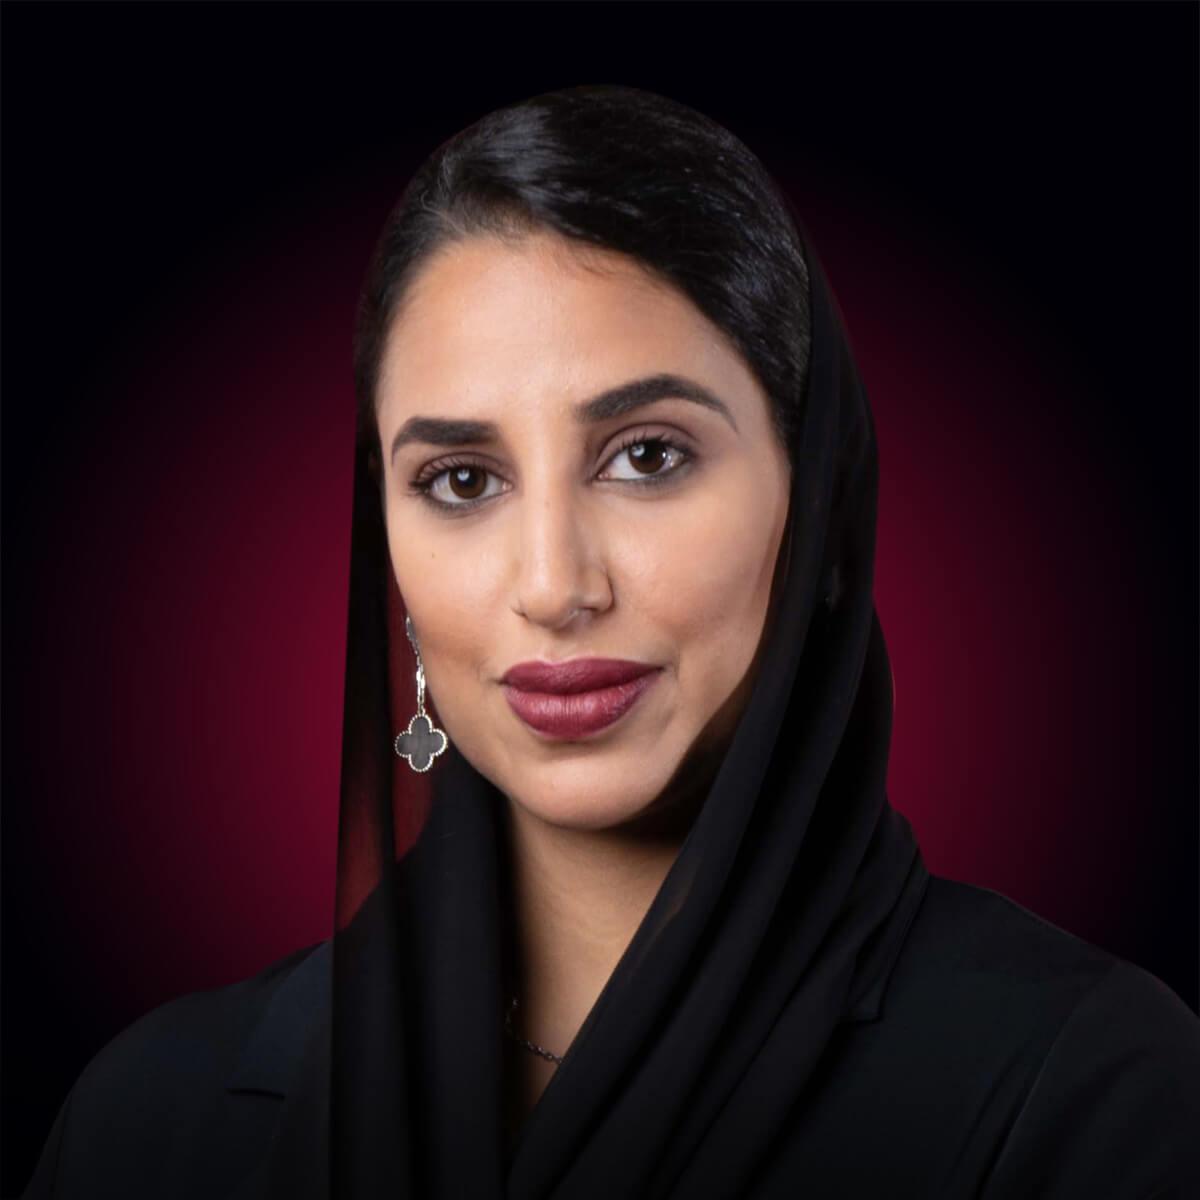 Marwa Al Mansoori